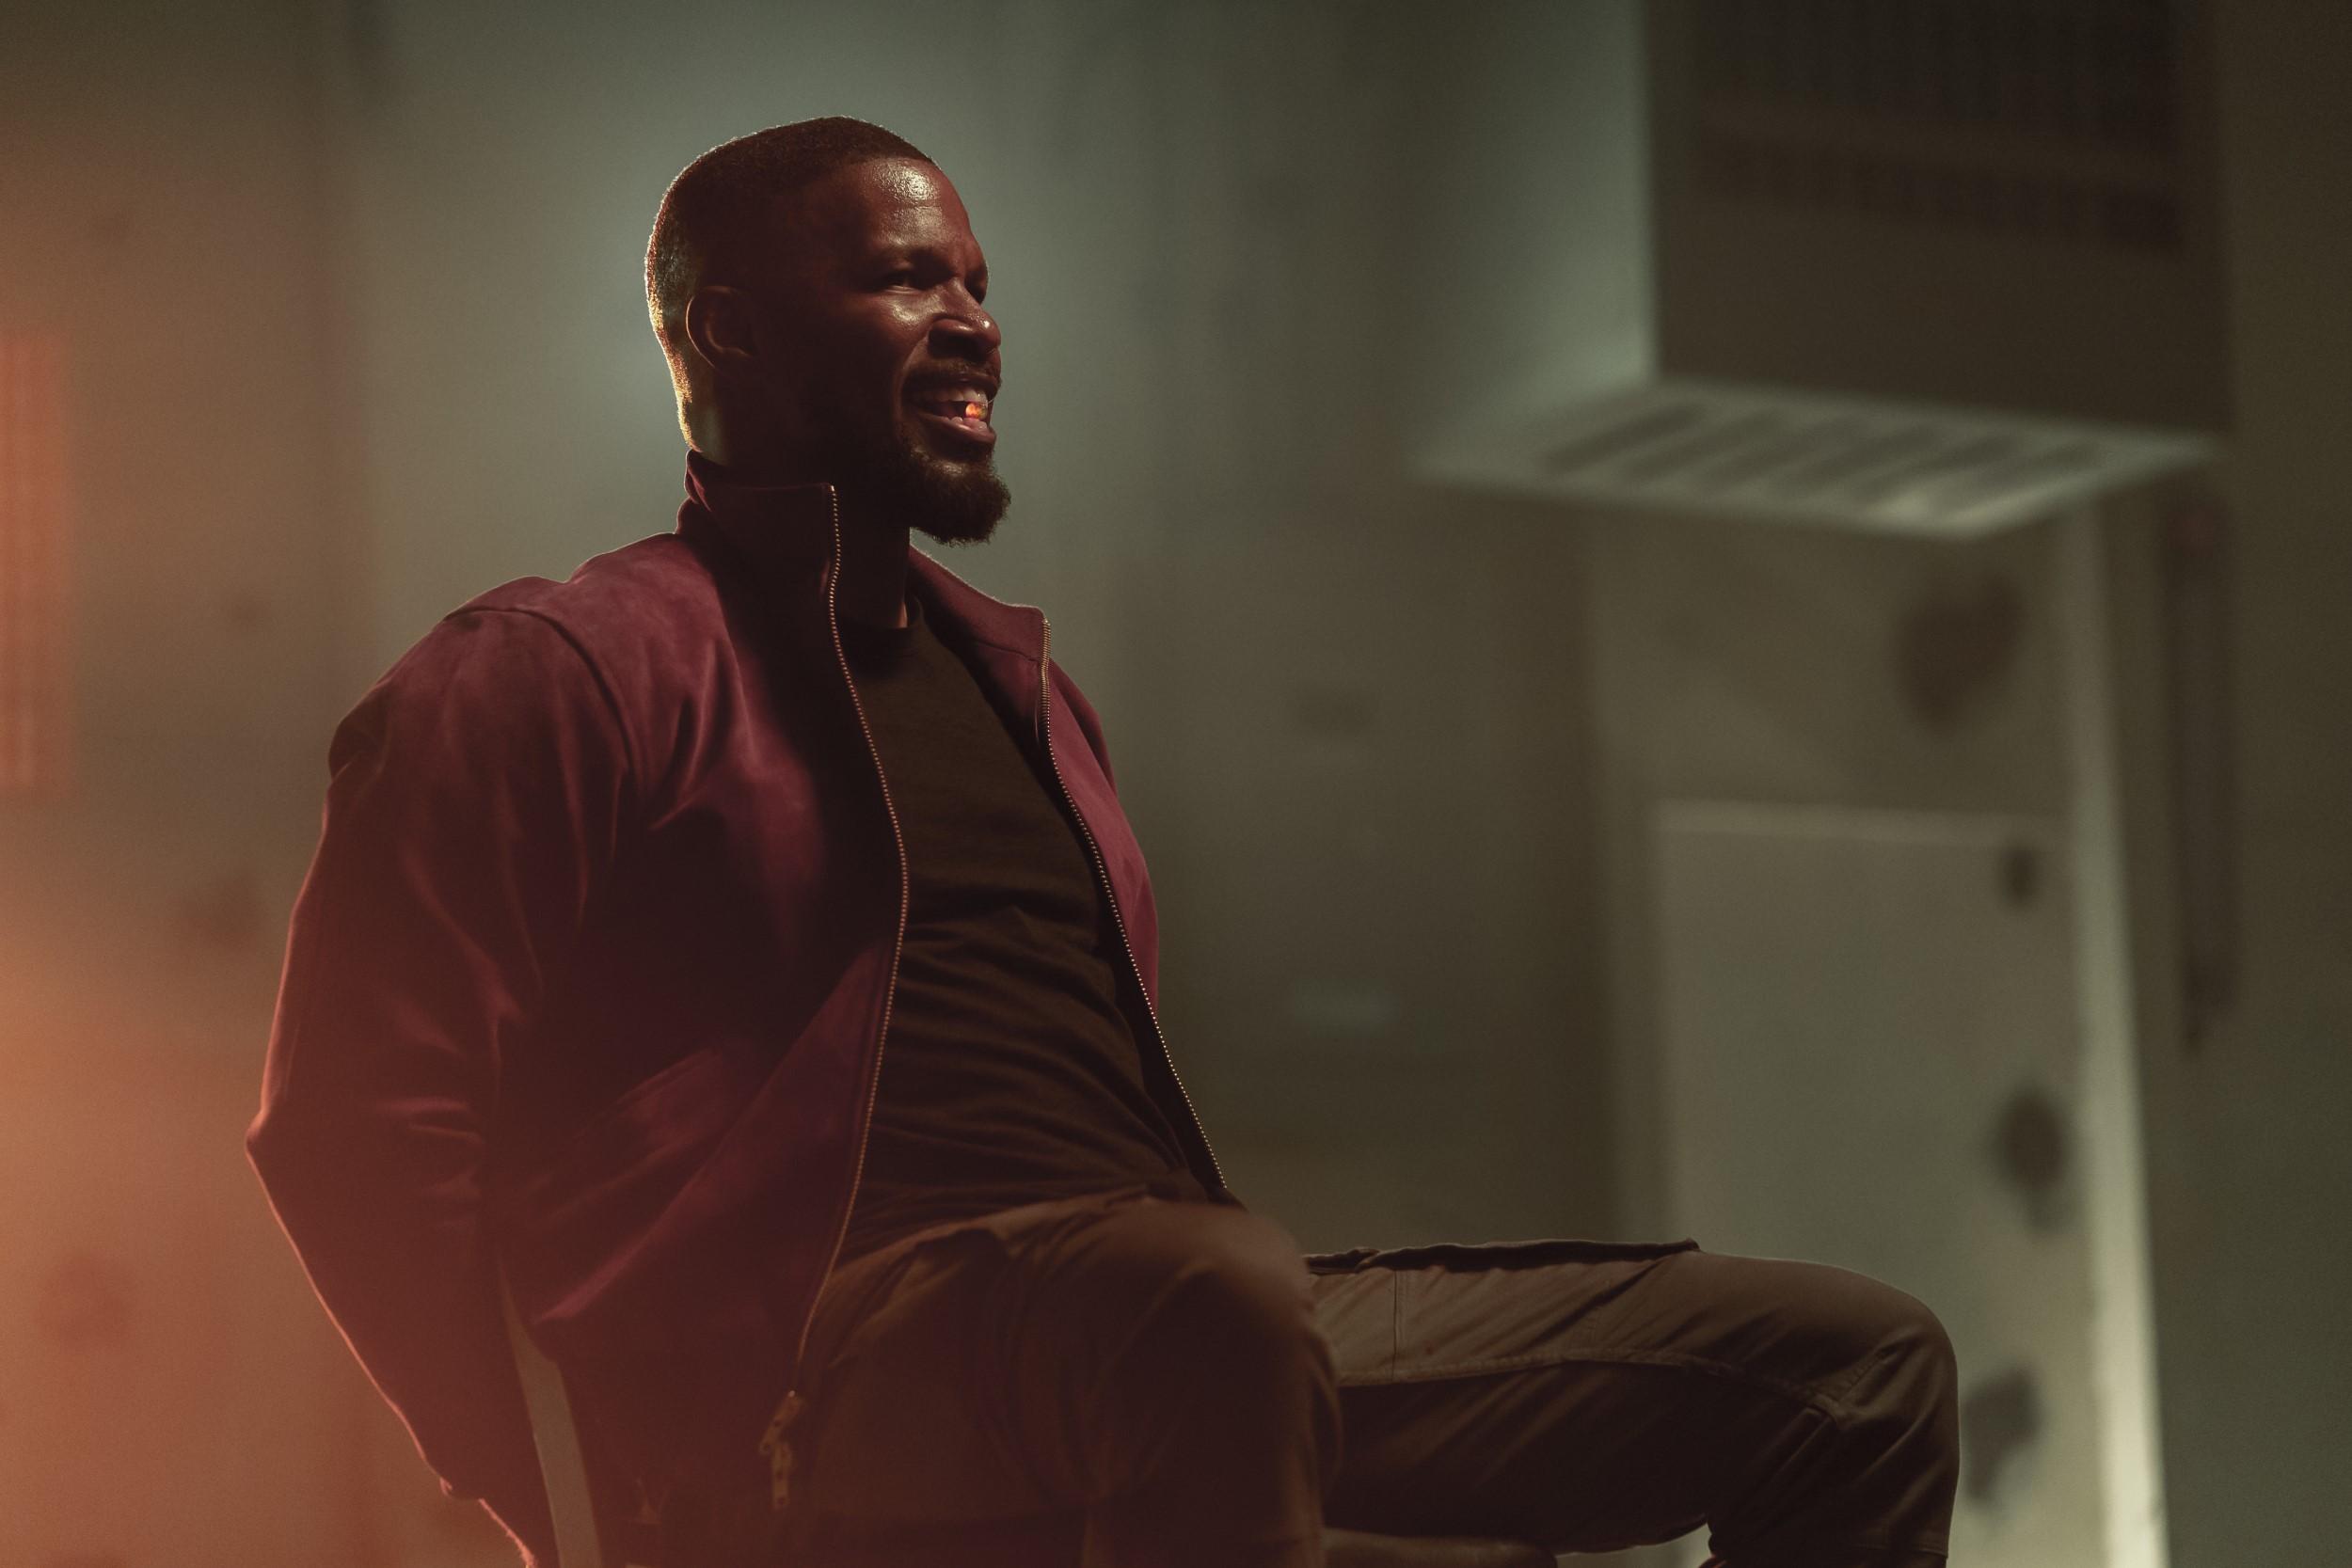 Netflix August 2020 release slate includes Lucifer season 5, The Rain season 3, & more 18